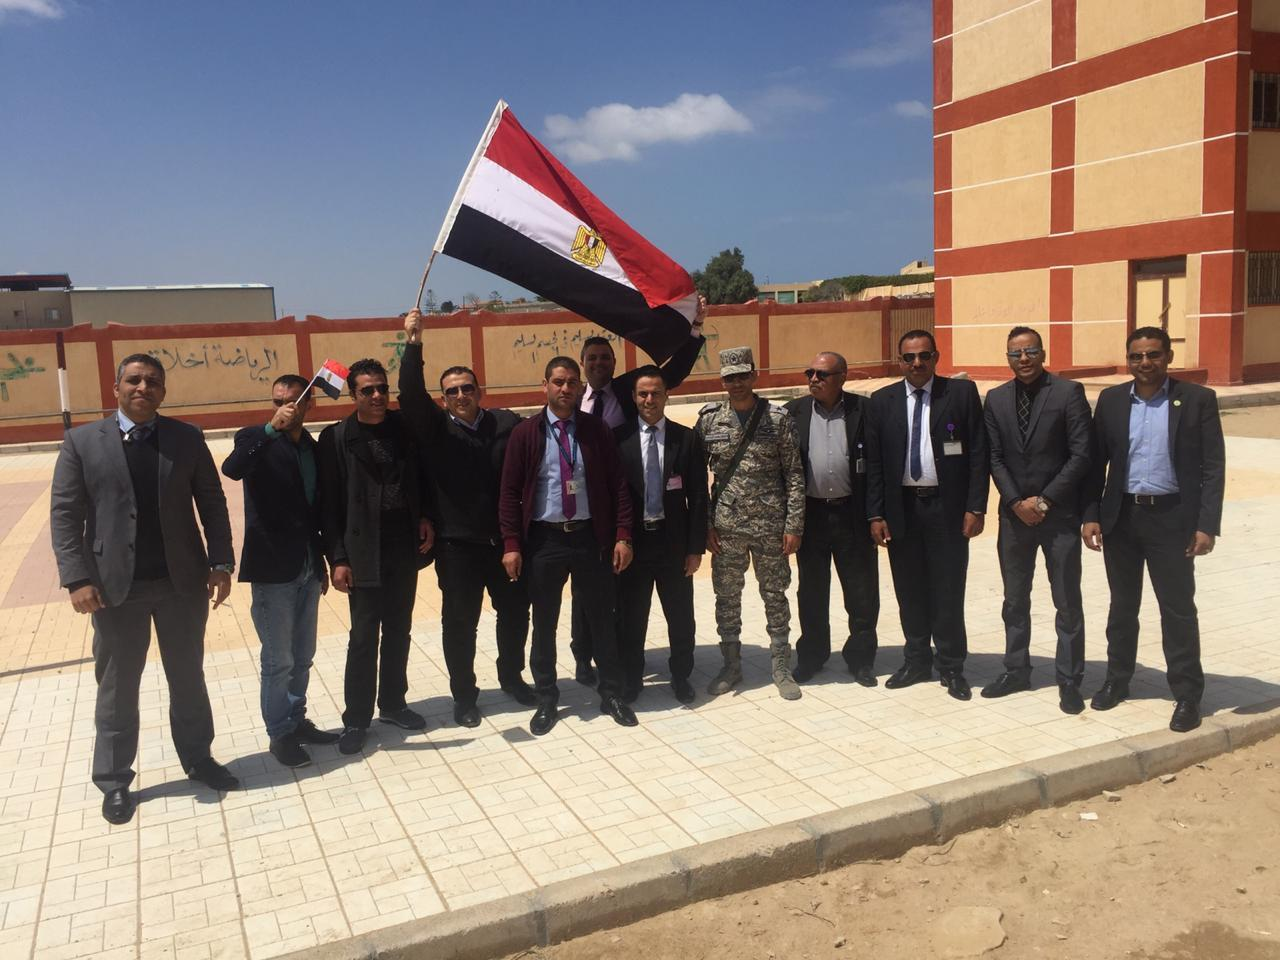 العاملين بمطار طور سيناء يرفعون أعلام مصر و  يشاركون في الإستفتاء على التعديلات الدستورية